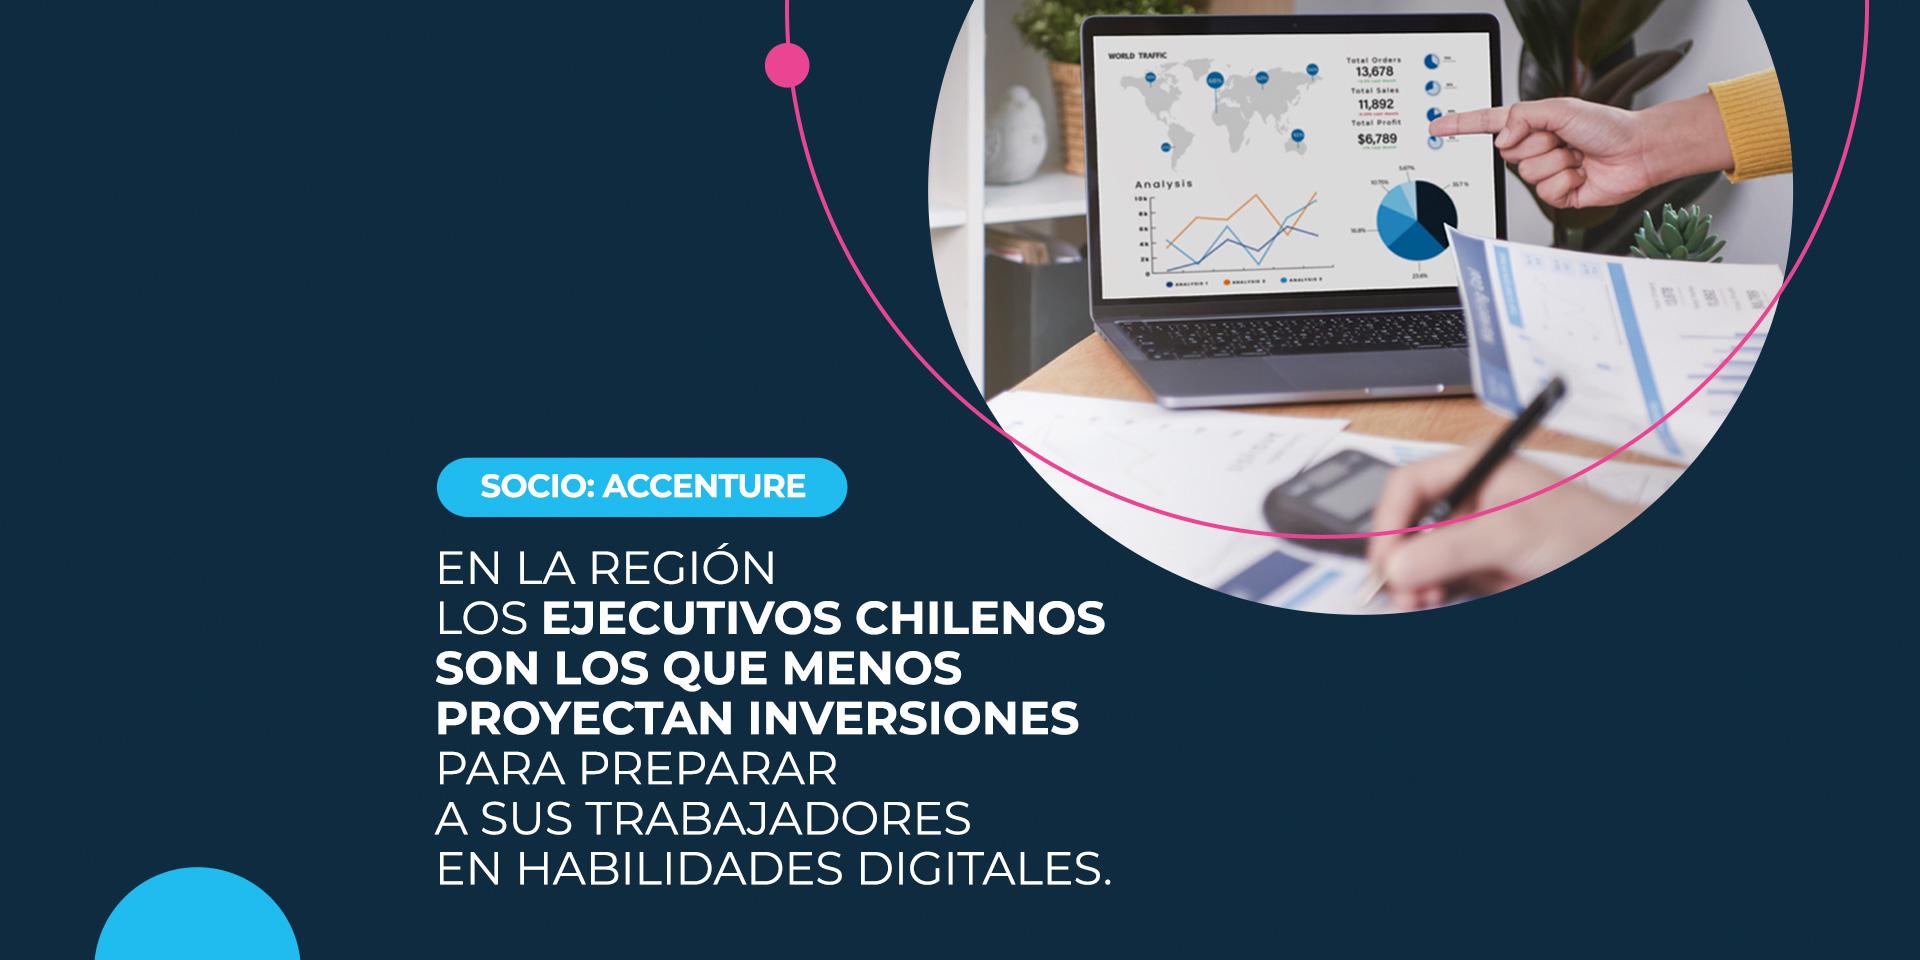 Accenture_digitalizacion ejecutivos chilenos